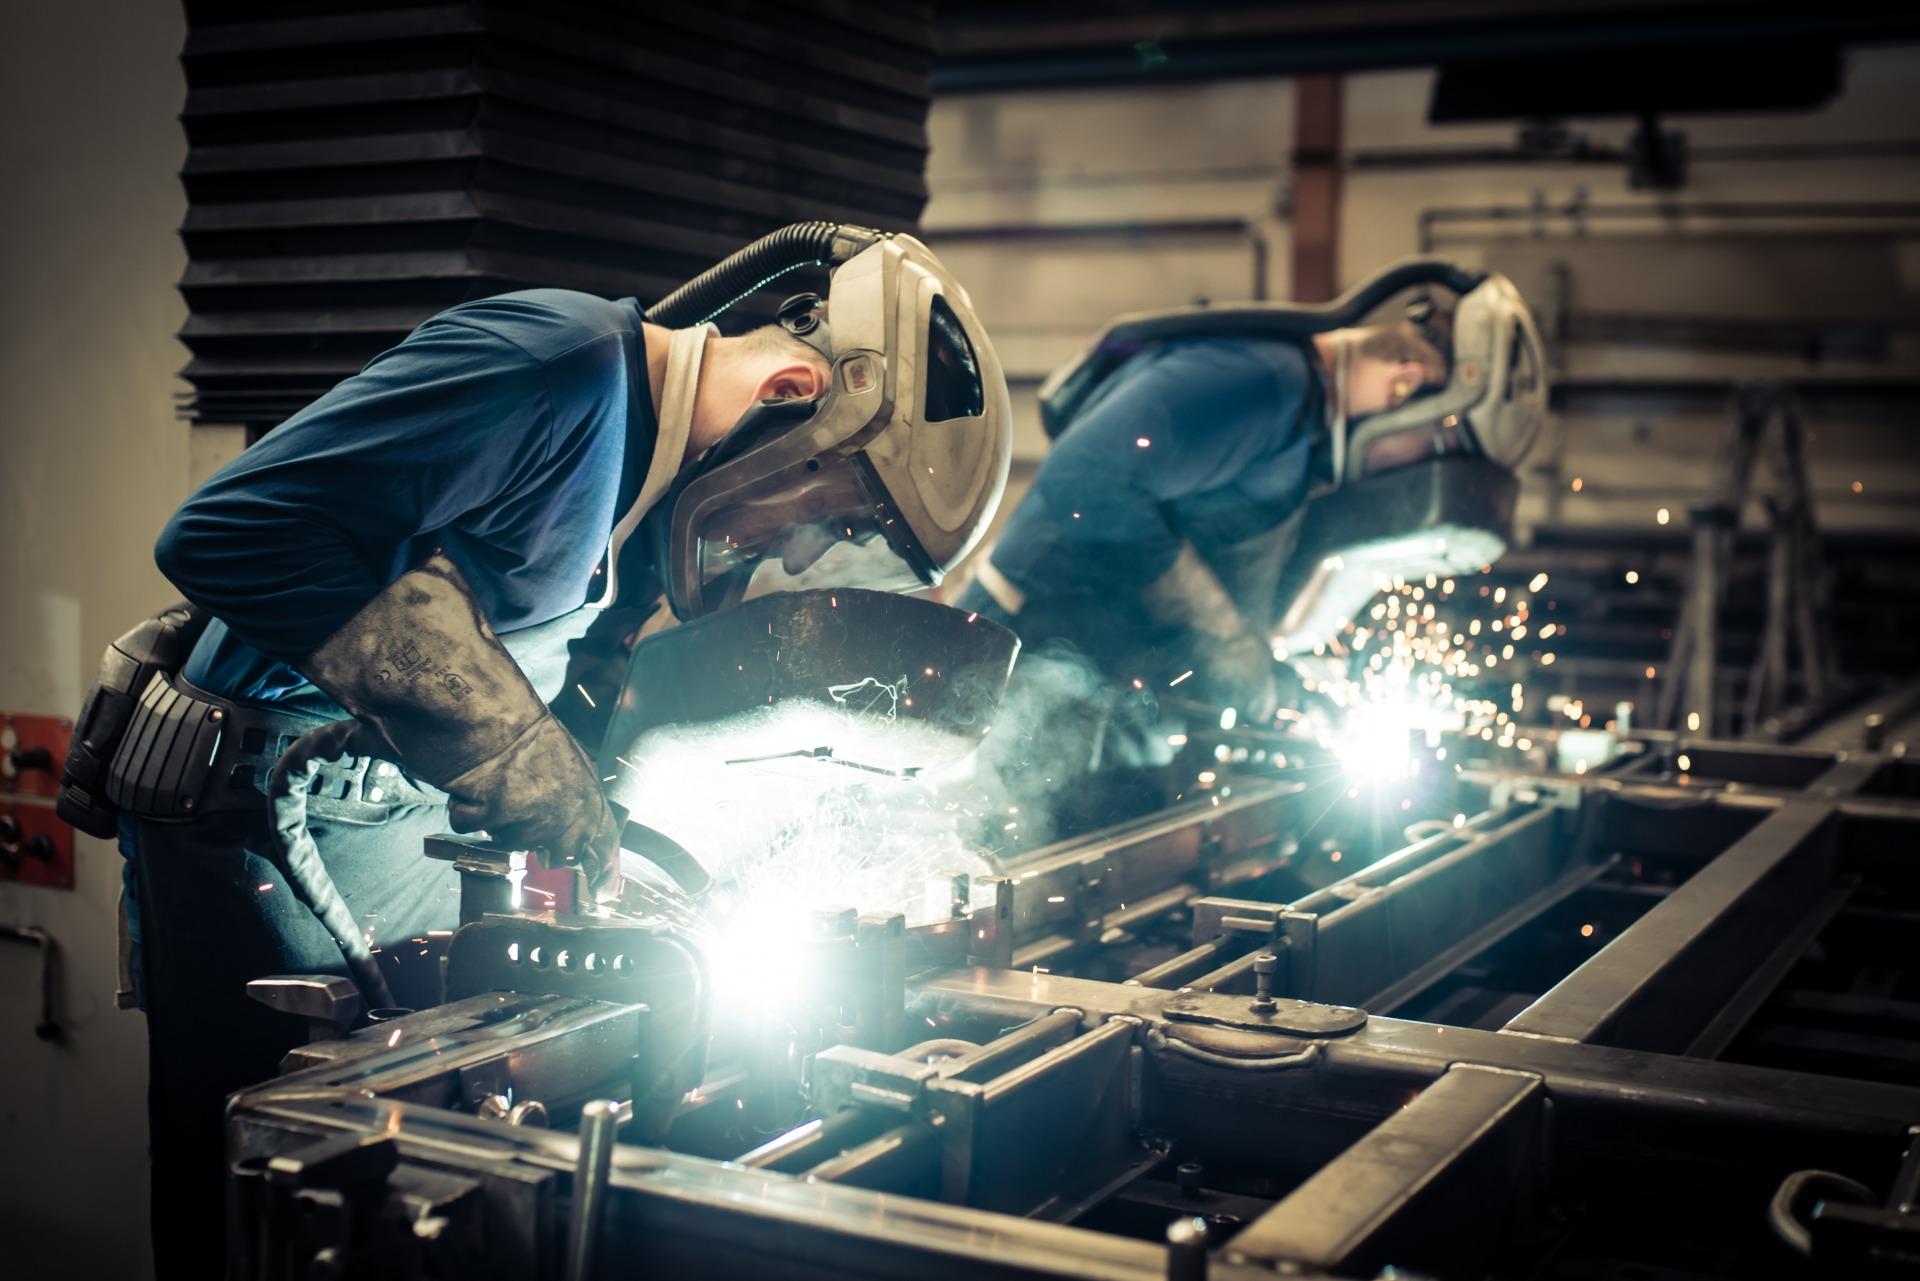 Metalltechnische Industrie